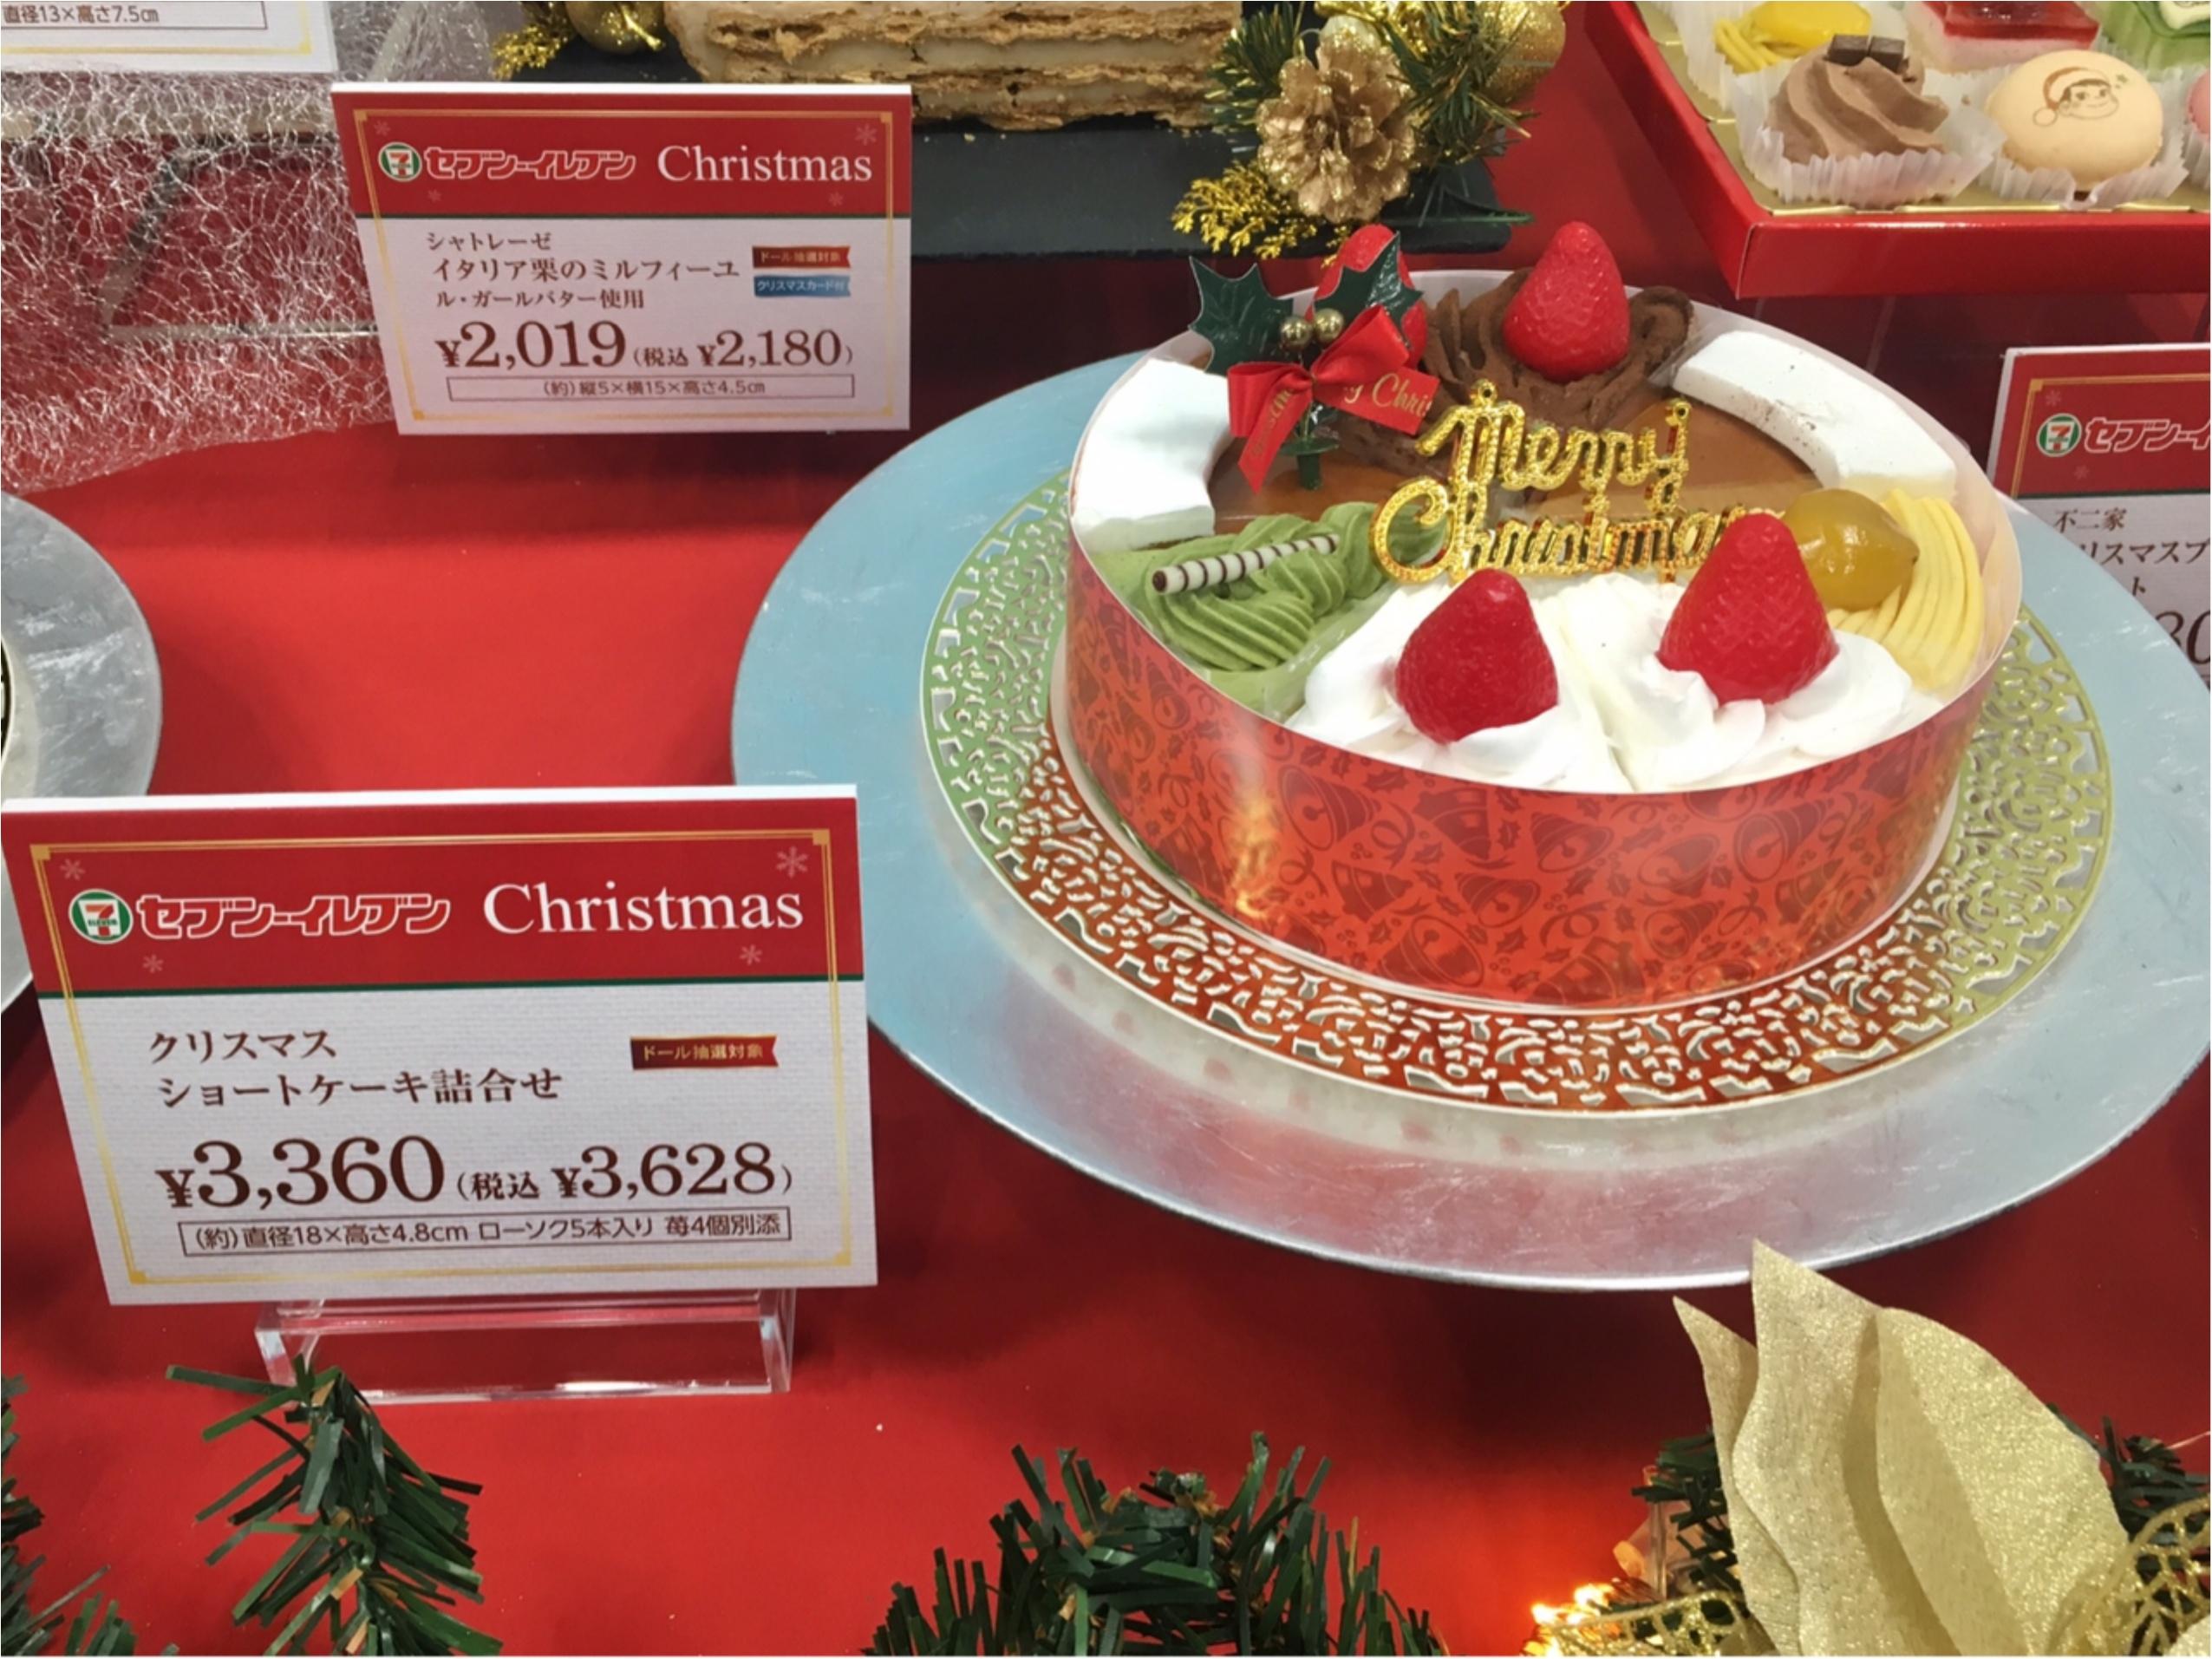 【セブンイレブン】いよいよクリスマス!ケーキどうする?試食会レポート_9